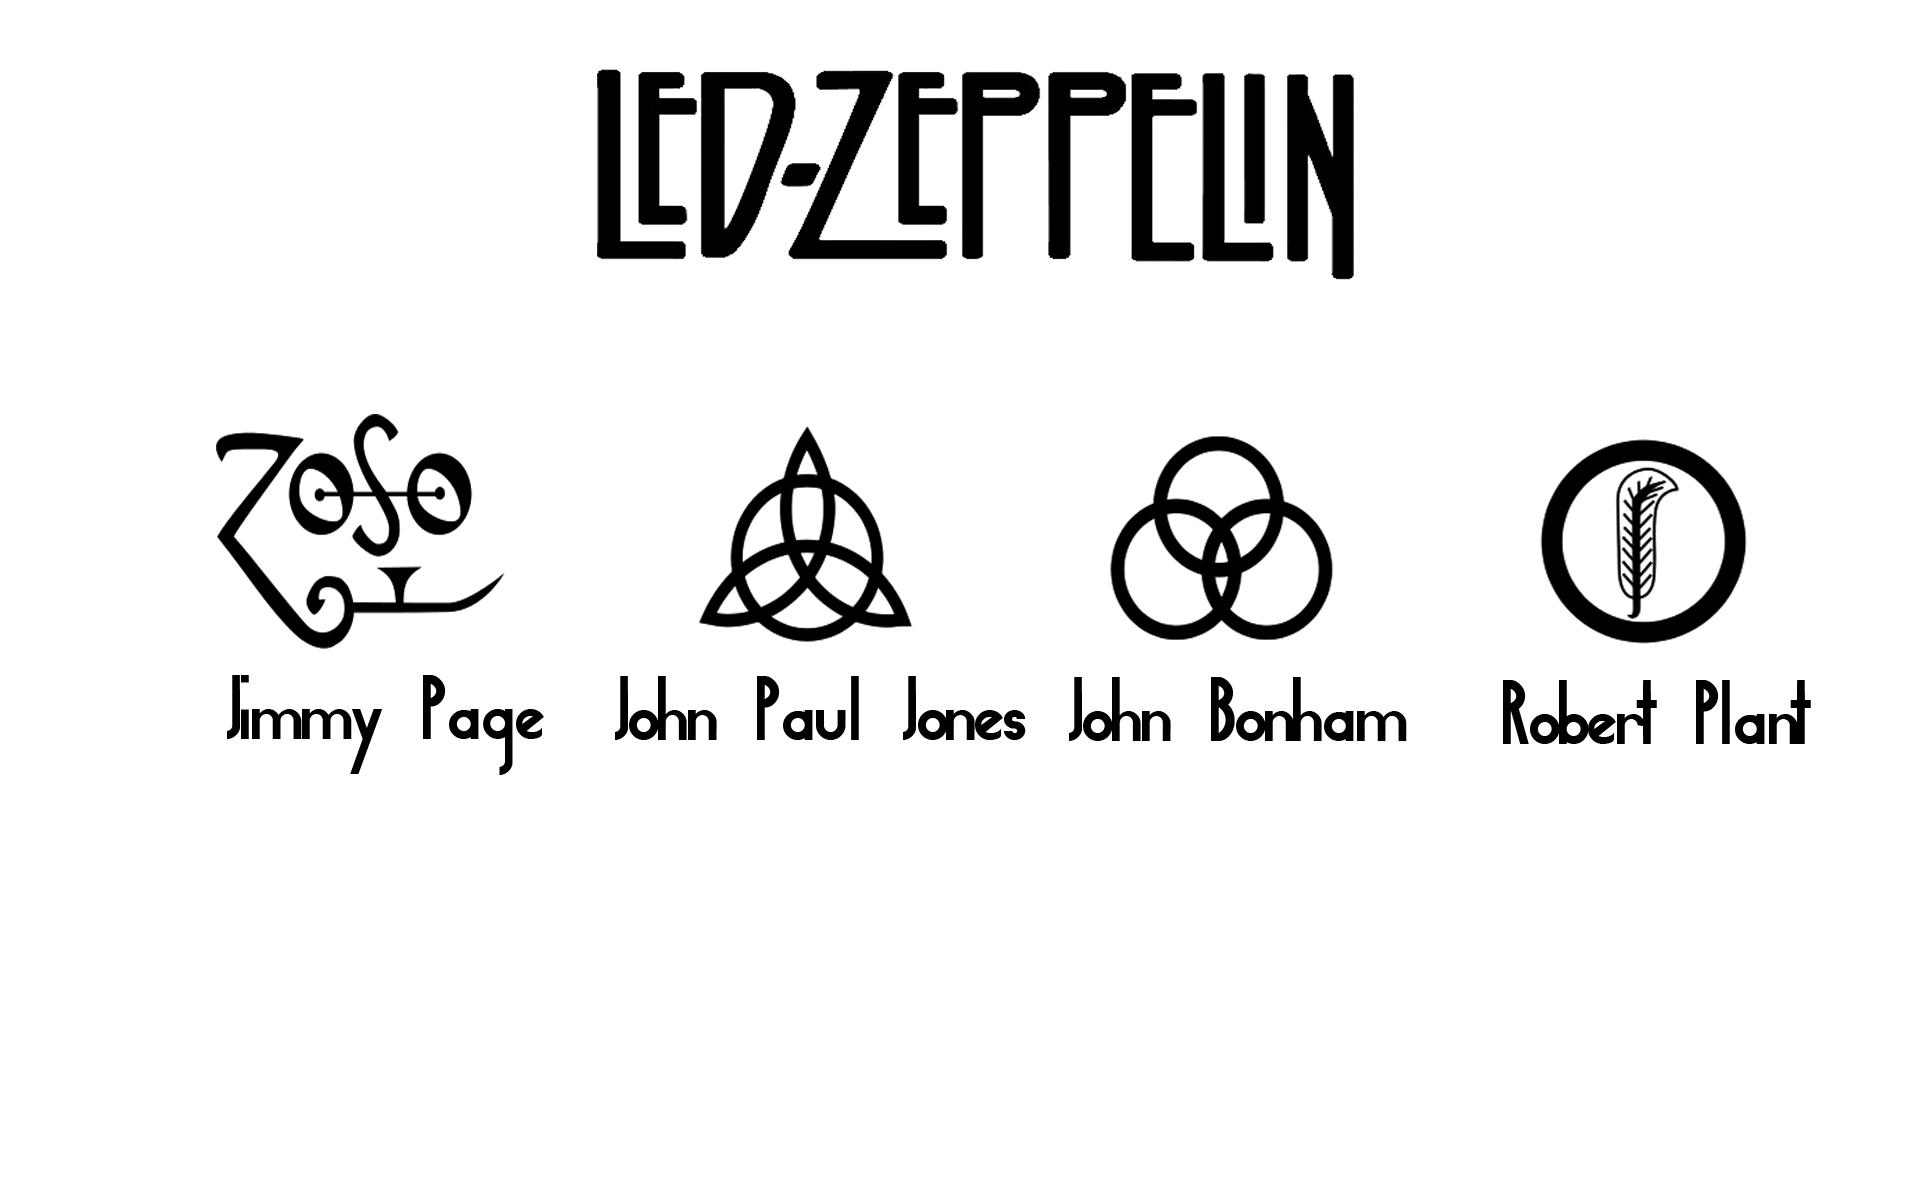 Led Zeppelin 00263674 Png 1920 1200 Led Zeppelin Tattoo Led Zeppelin Symbols Led Zeppelin Poster